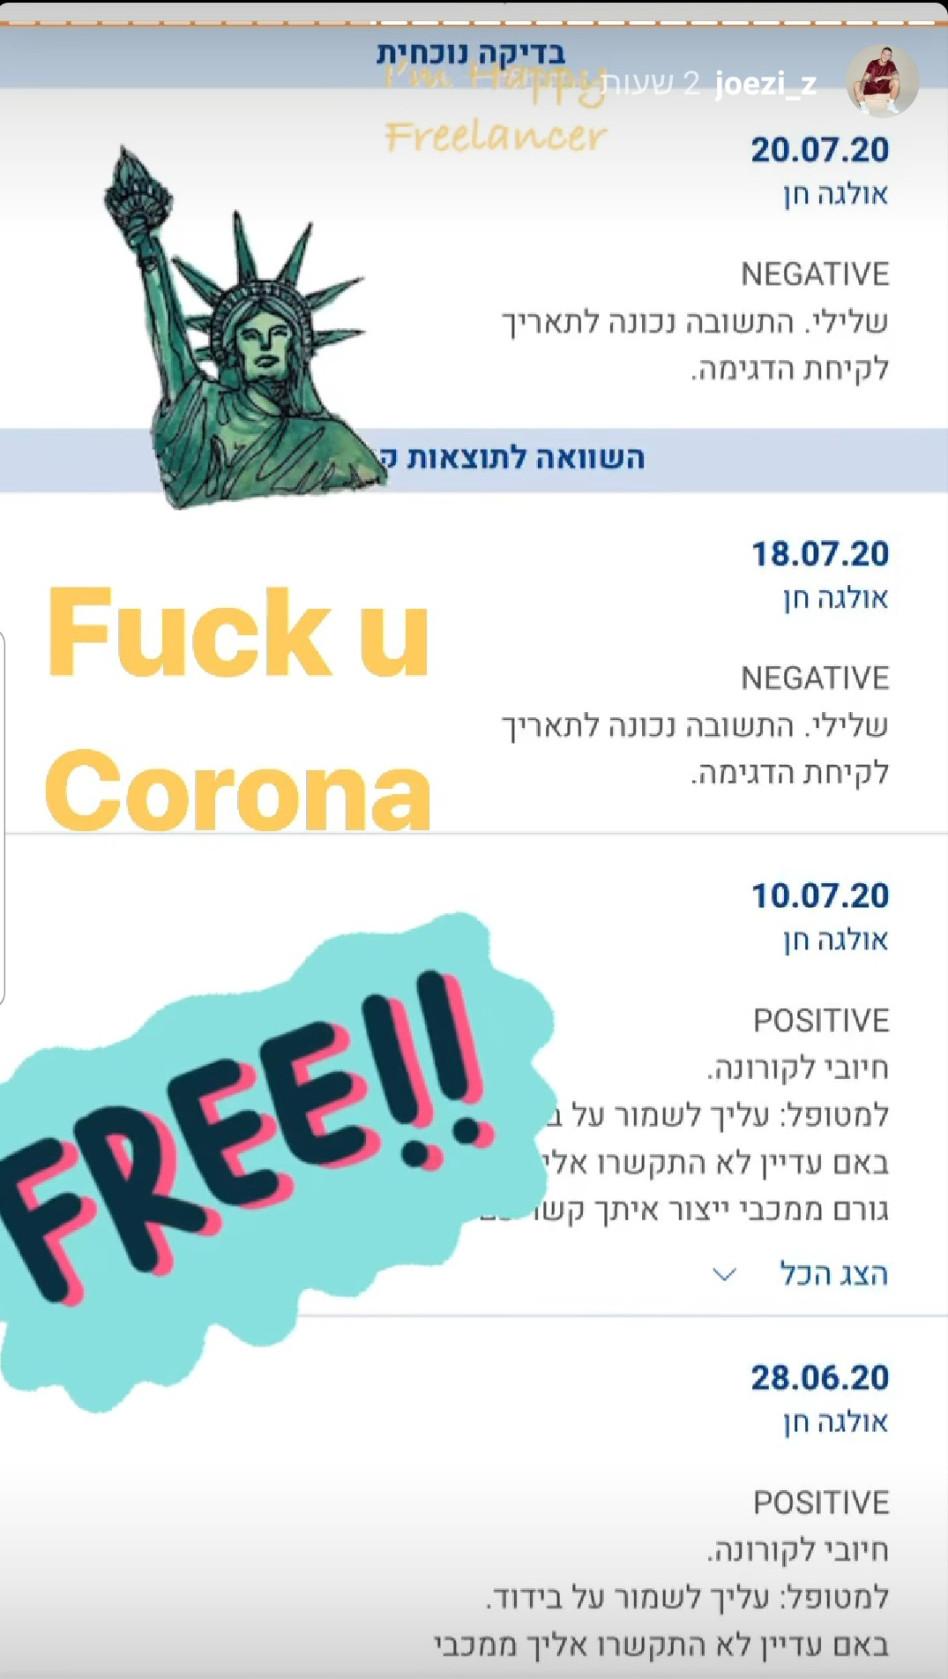 ג'וזי זירה קיבל תשובה שלילית (צילום: צילום מסך אינסטגרם)